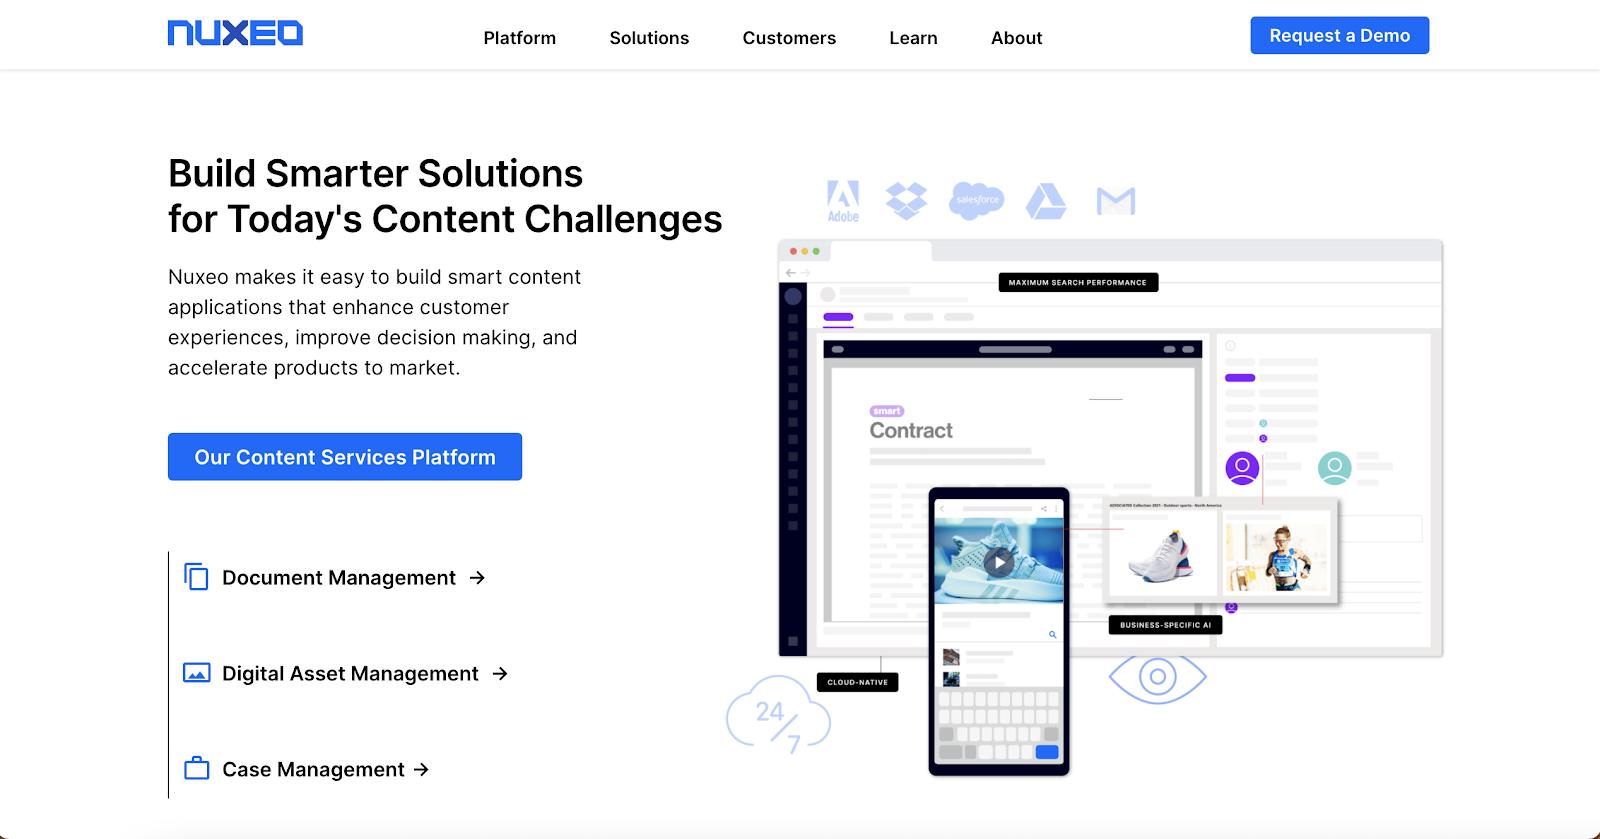 Nuxeo platform overview